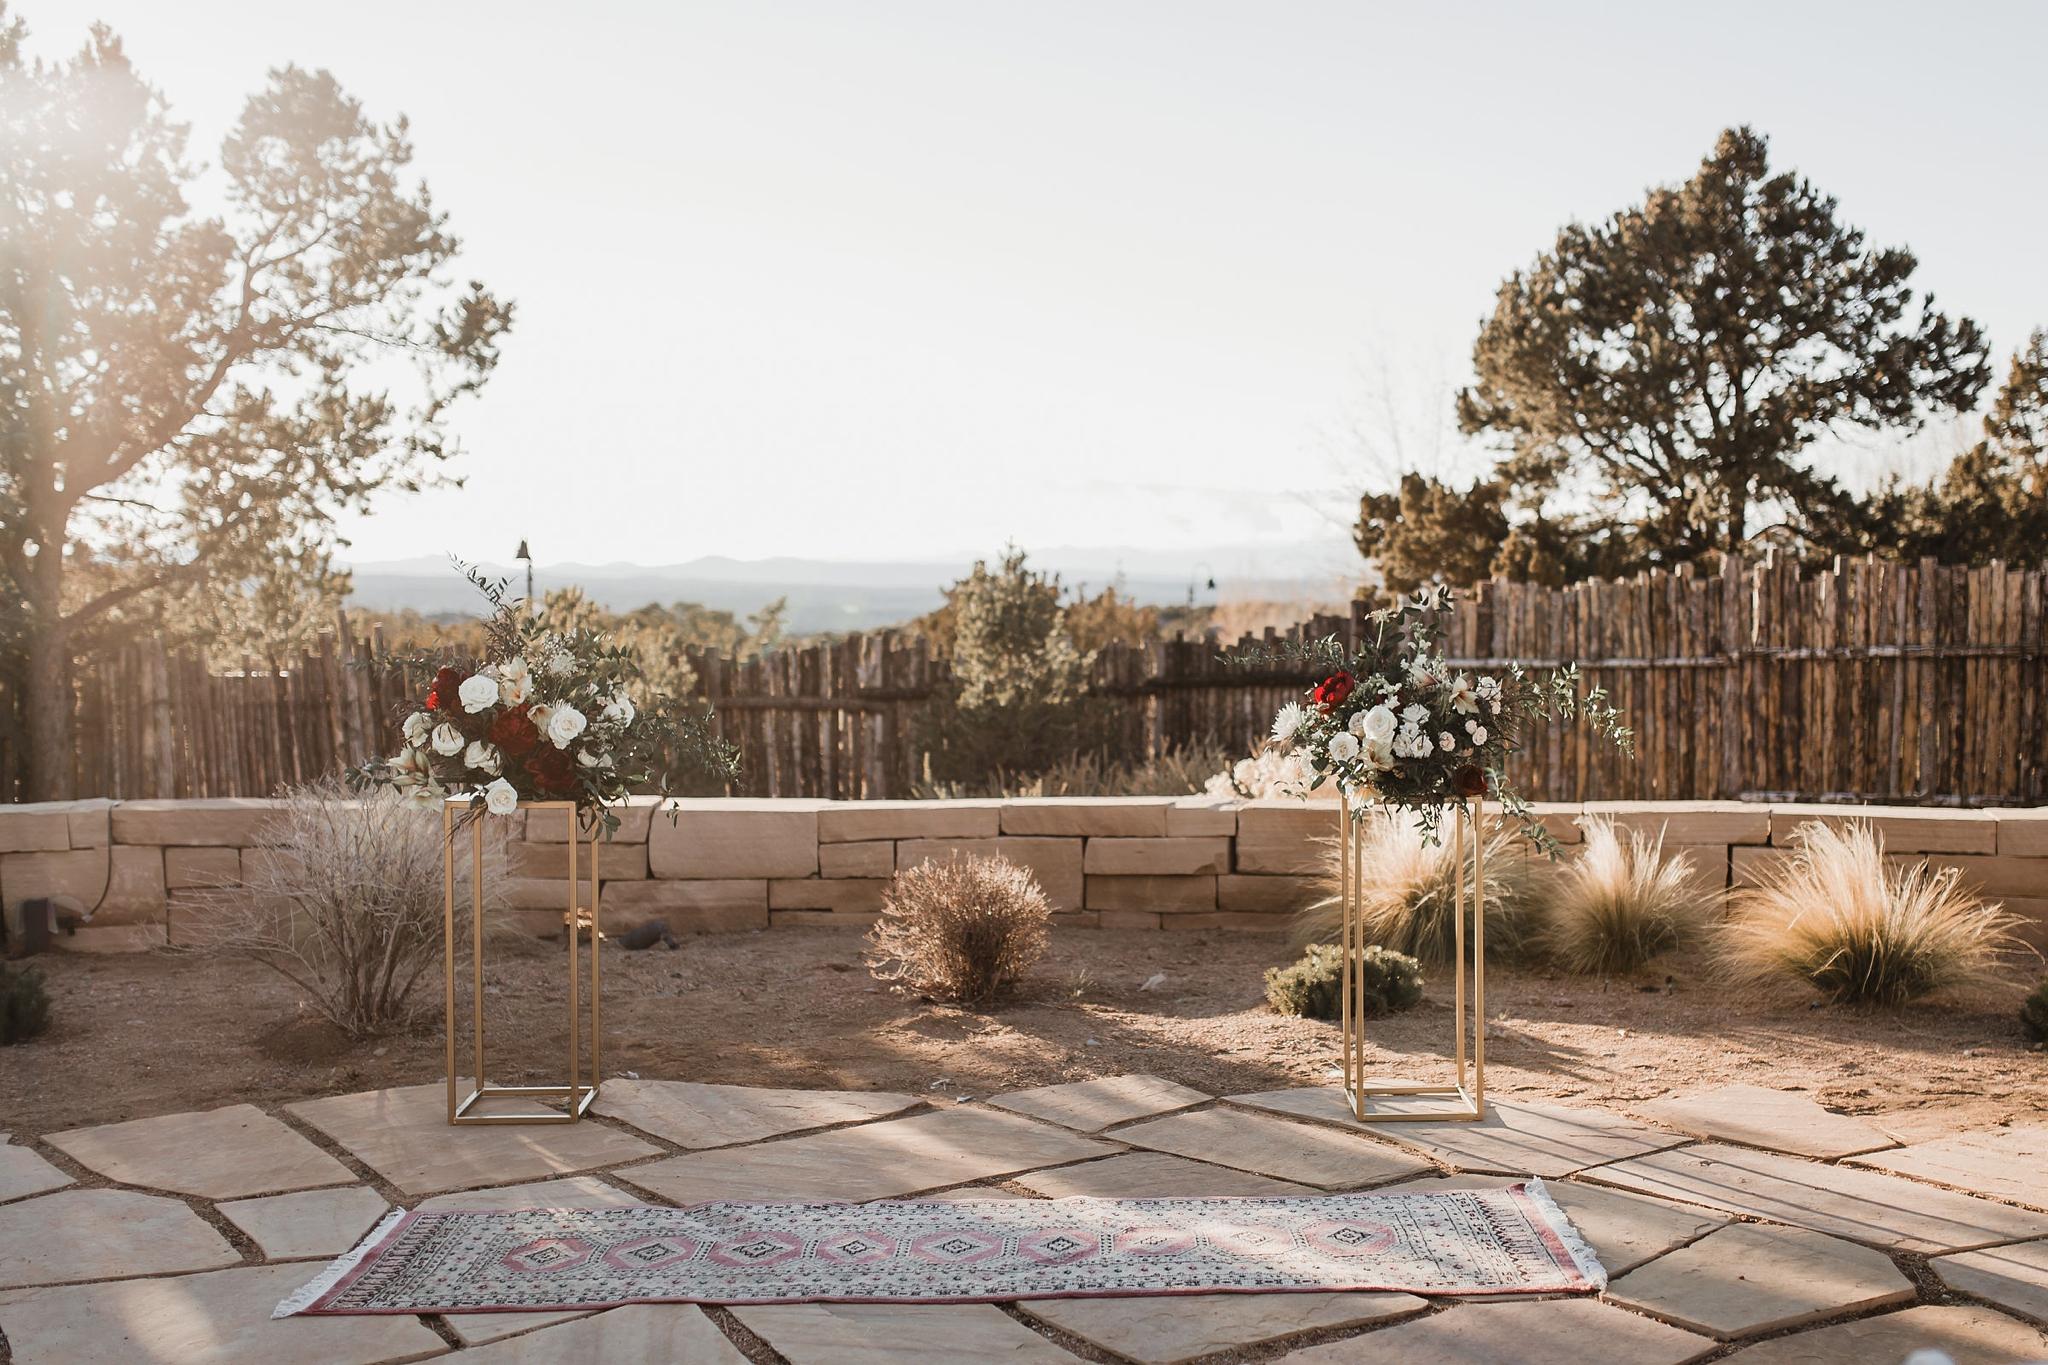 Alicia+lucia+photography+-+albuquerque+wedding+photographer+-+santa+fe+wedding+photography+-+new+mexico+wedding+photographer+-+new+mexico+wedding+-+santa+fe+wedding+-+four+seasons+wedding+-+winter+wedding_0035.jpg